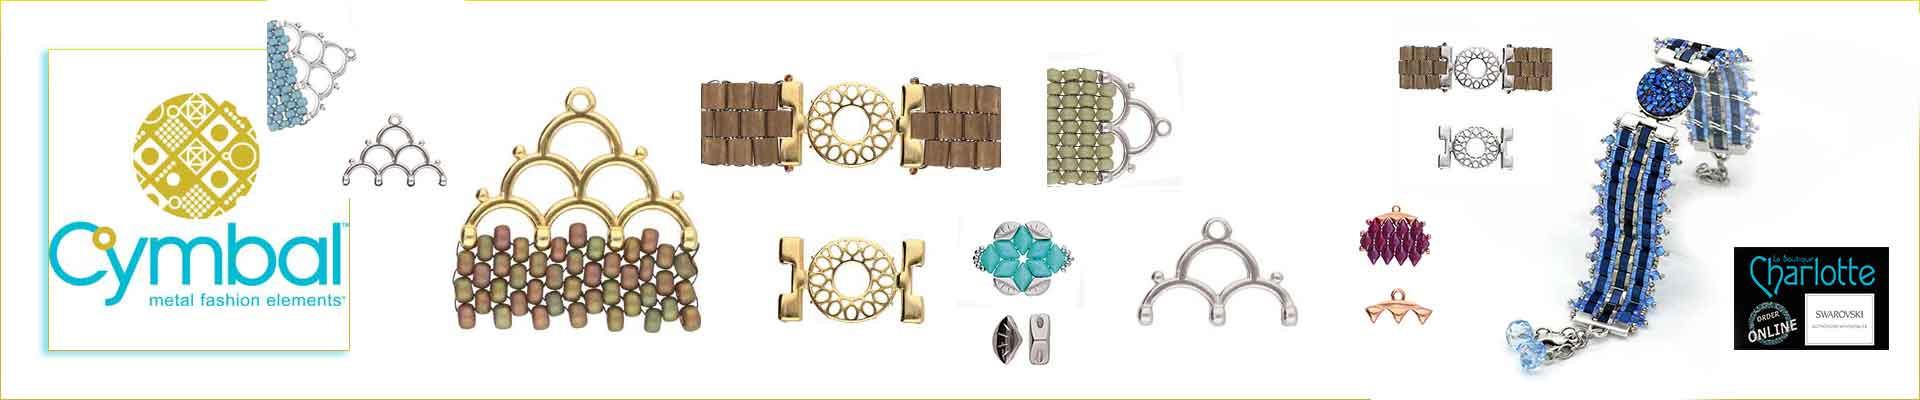 Cymbal Beads